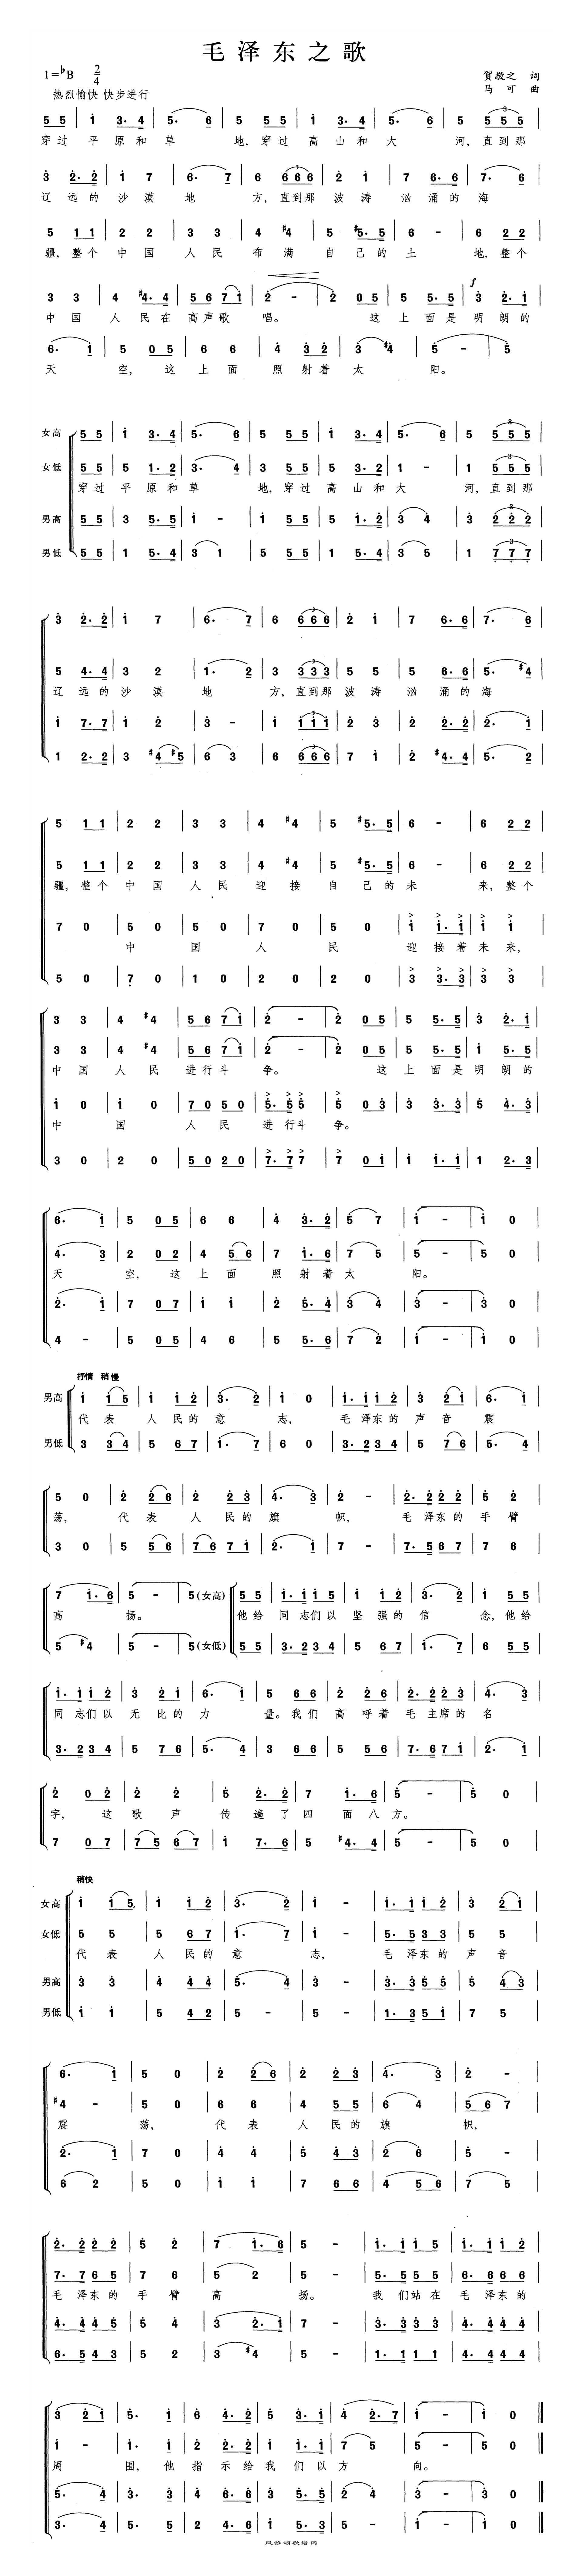 毛泽东之歌(中国)高清打印歌谱简谱